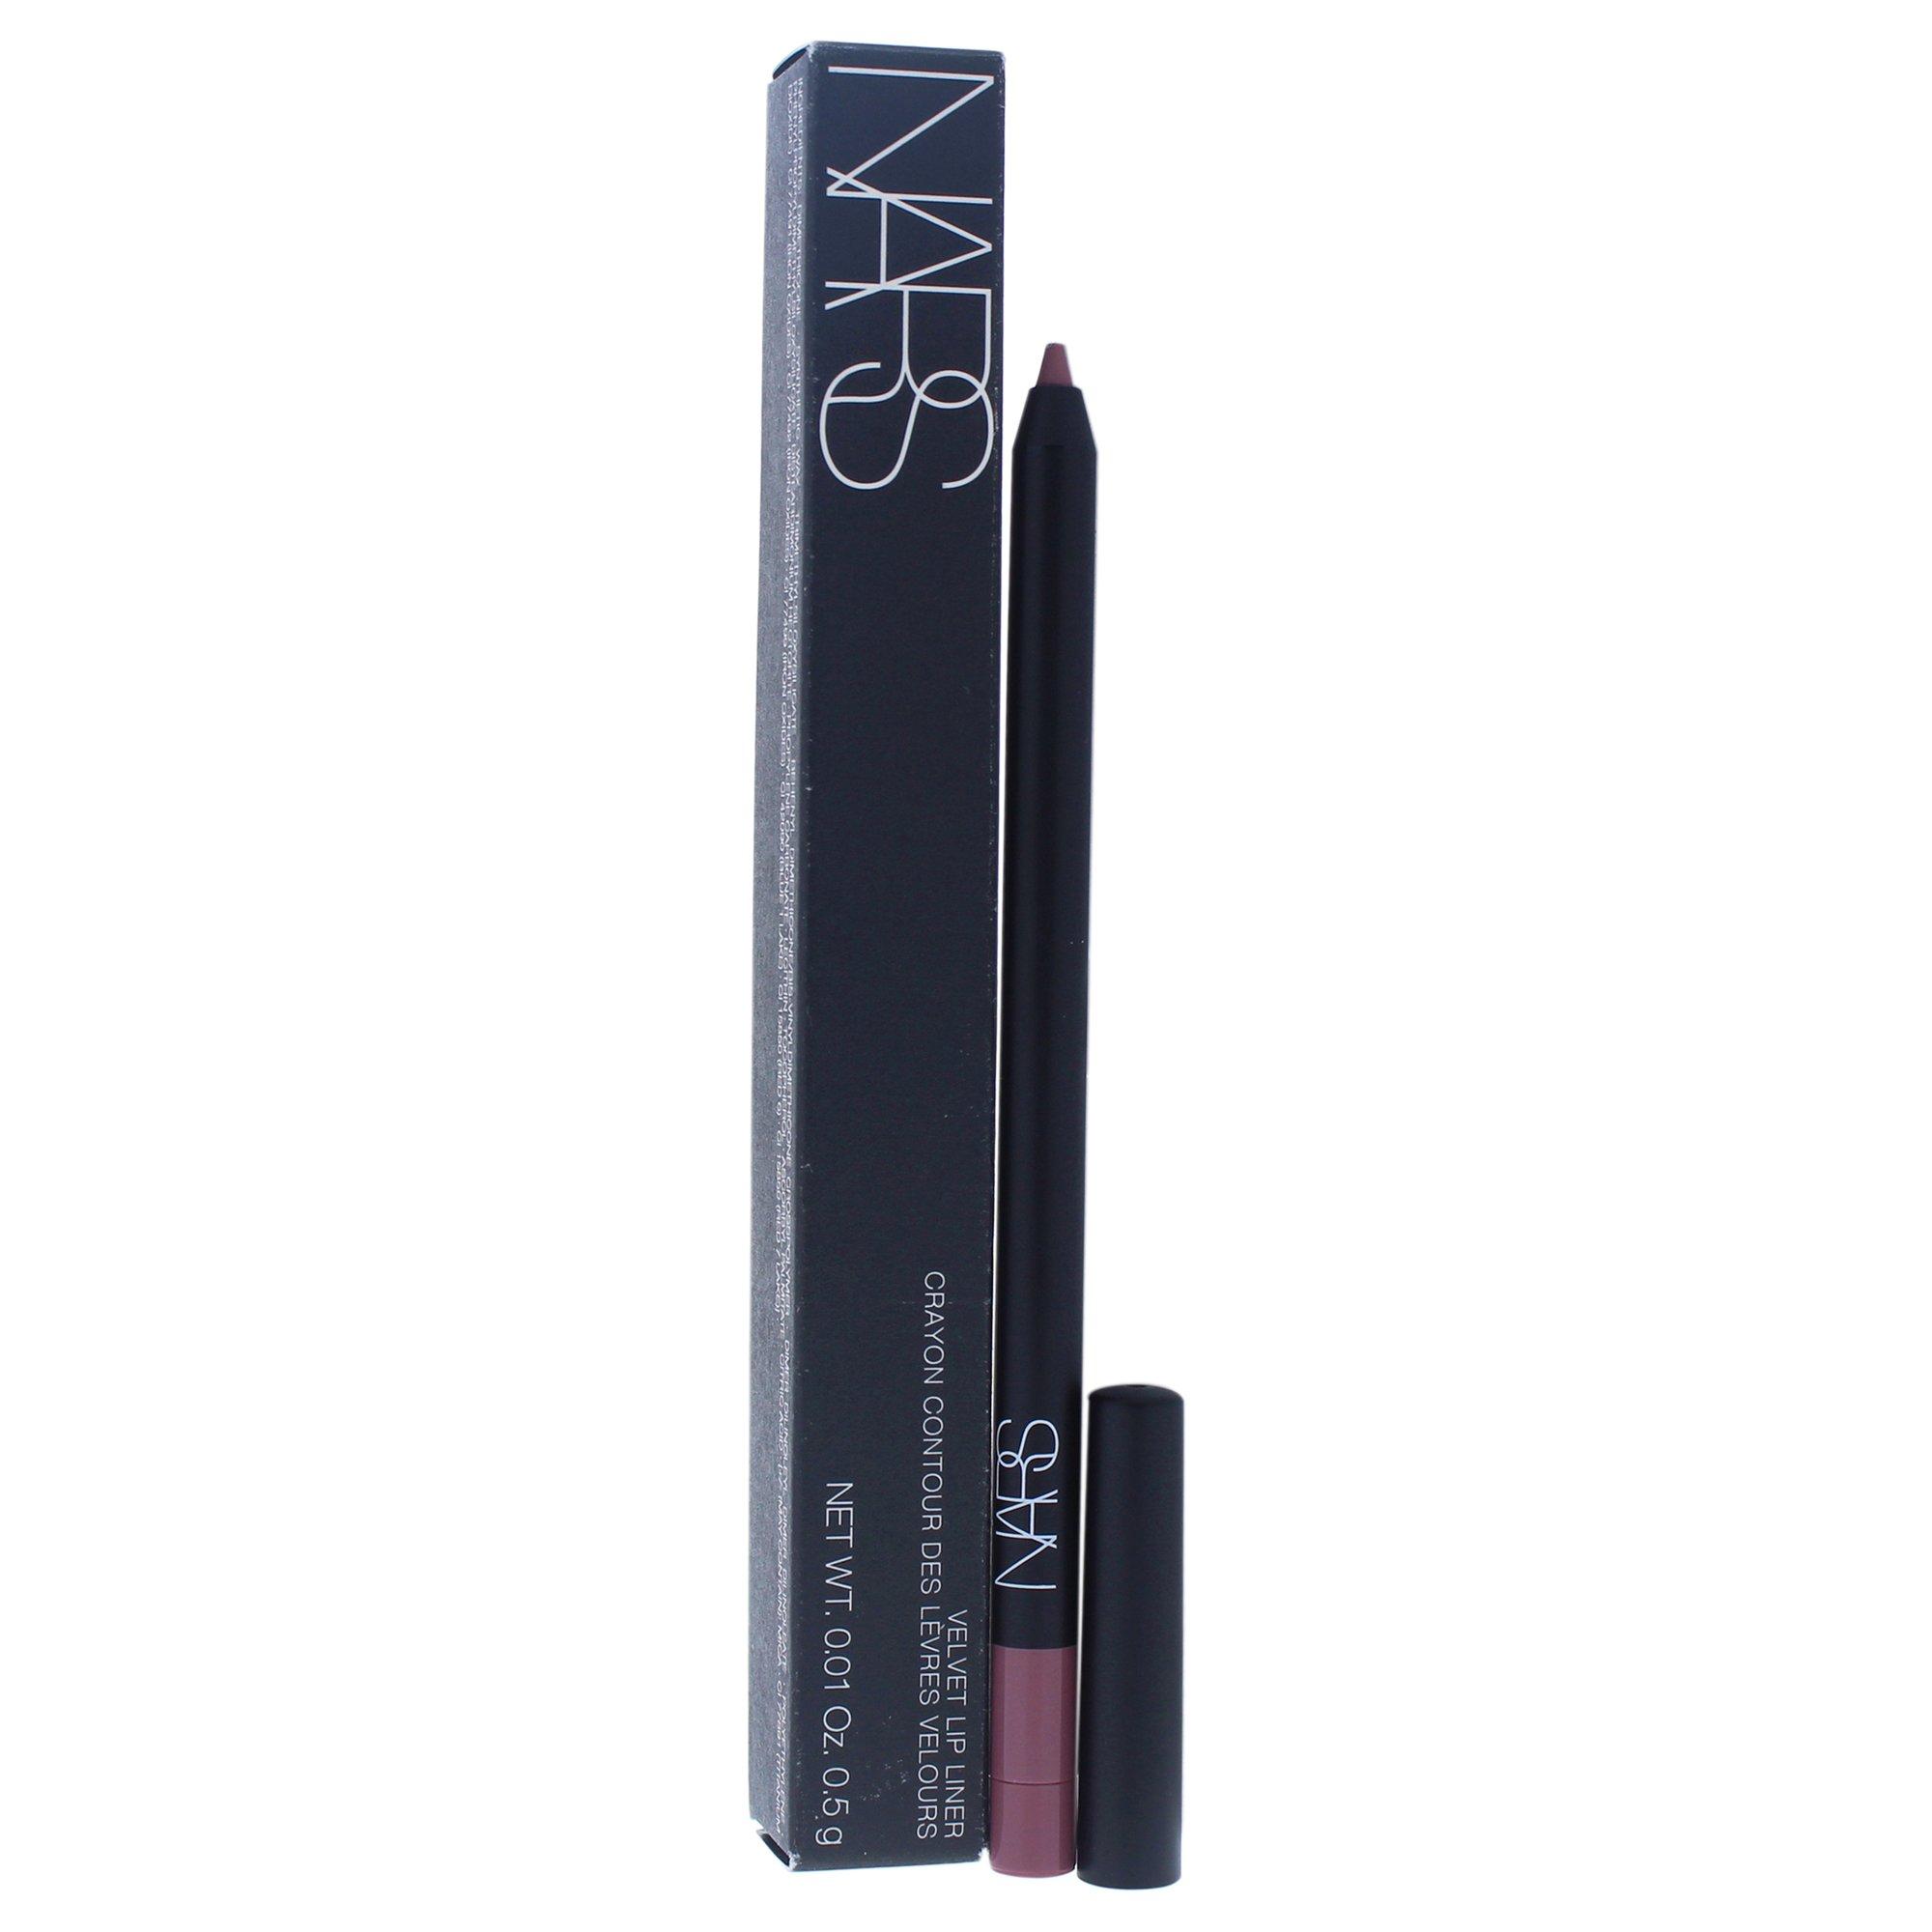 NARS Velvet El Agua Lip Liner, 0.04 Ounce